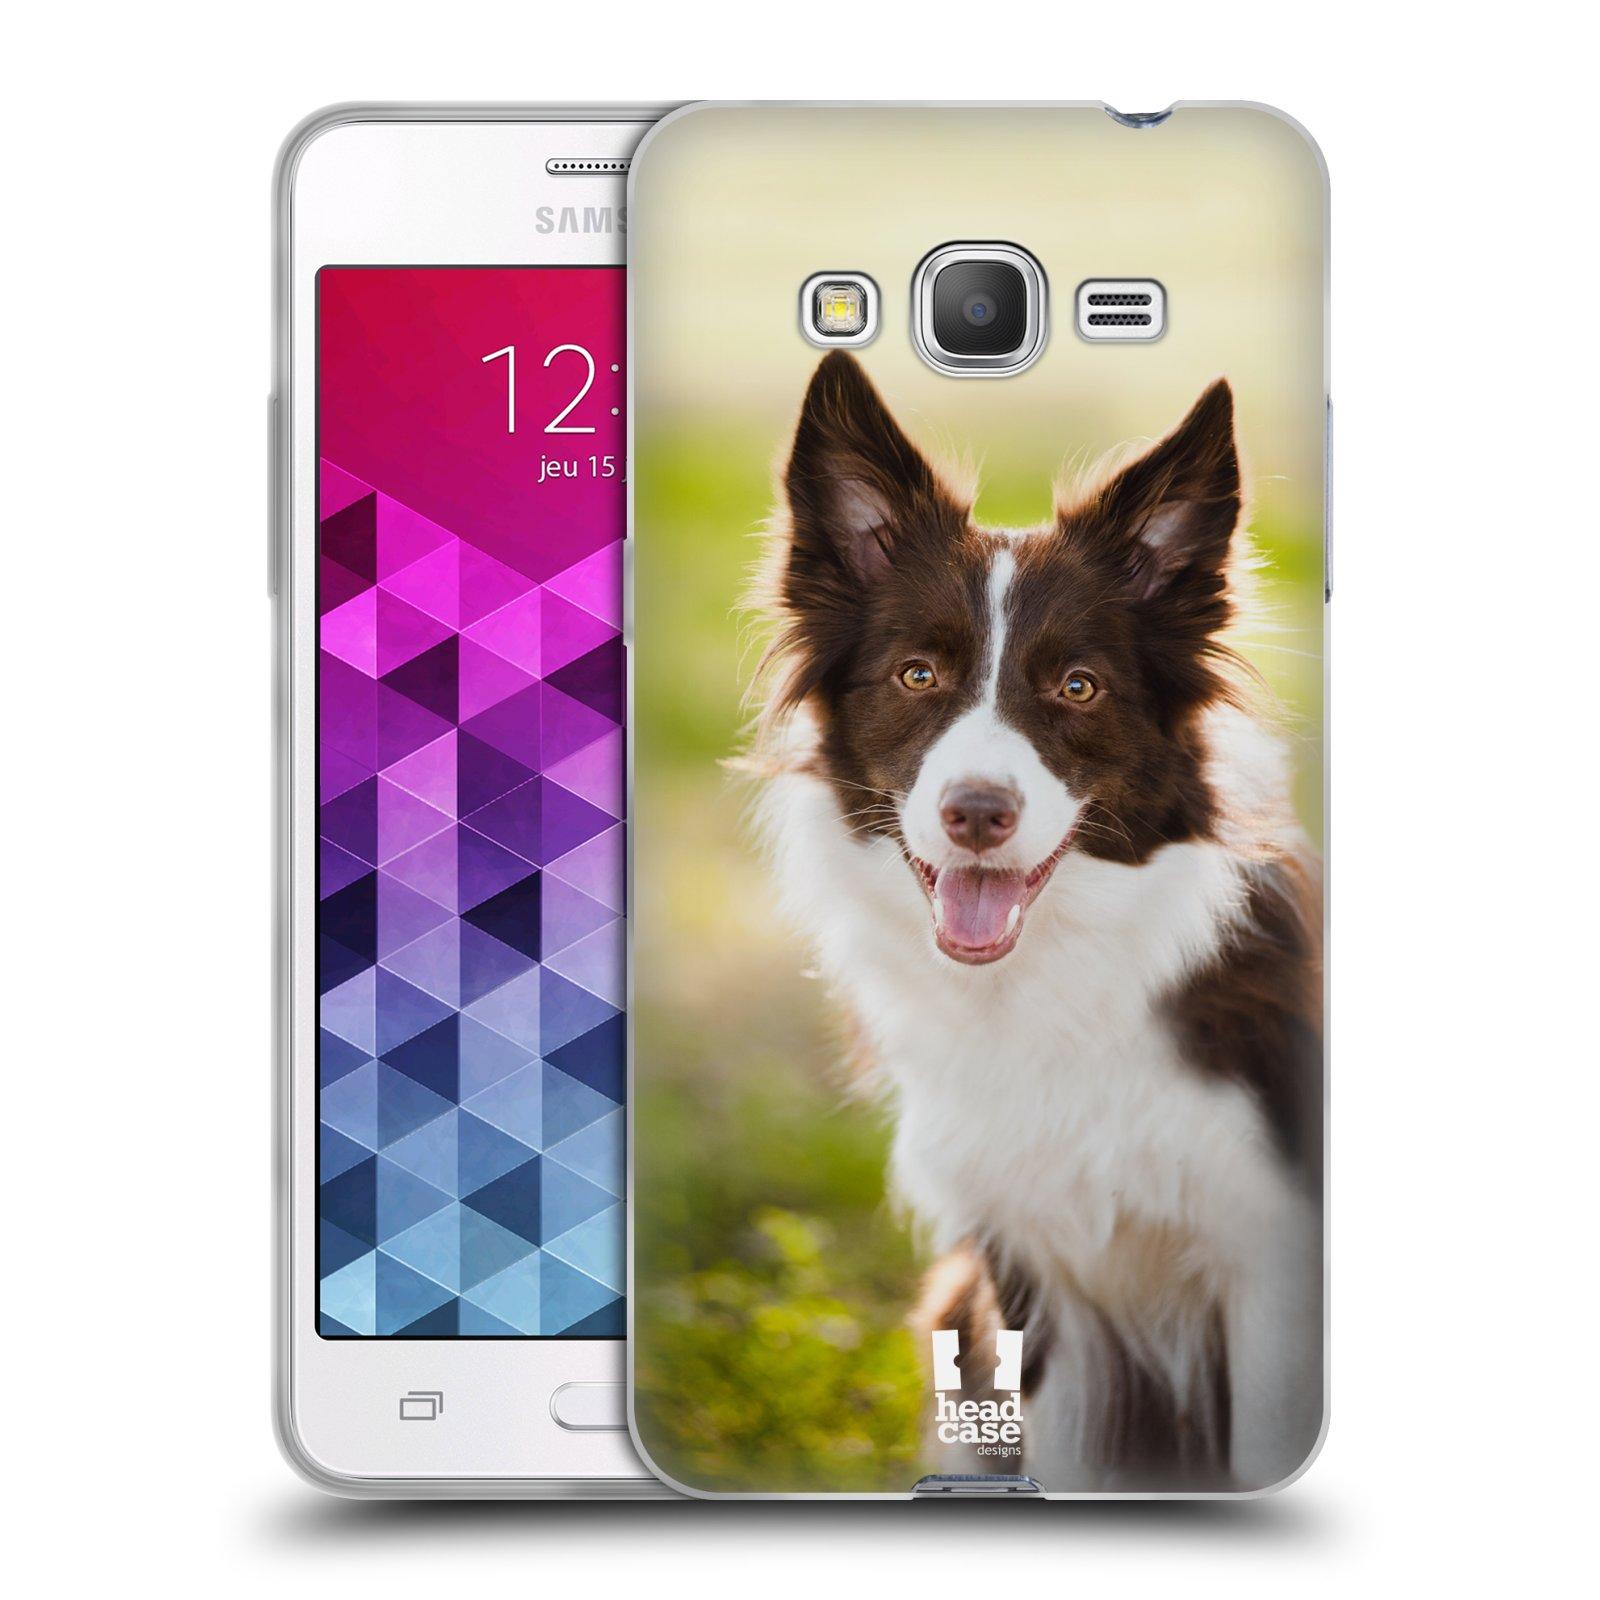 Silikonové pouzdro na mobil Samsung Galaxy Grand Prime VE HEAD CASE BORDER KÓLIE